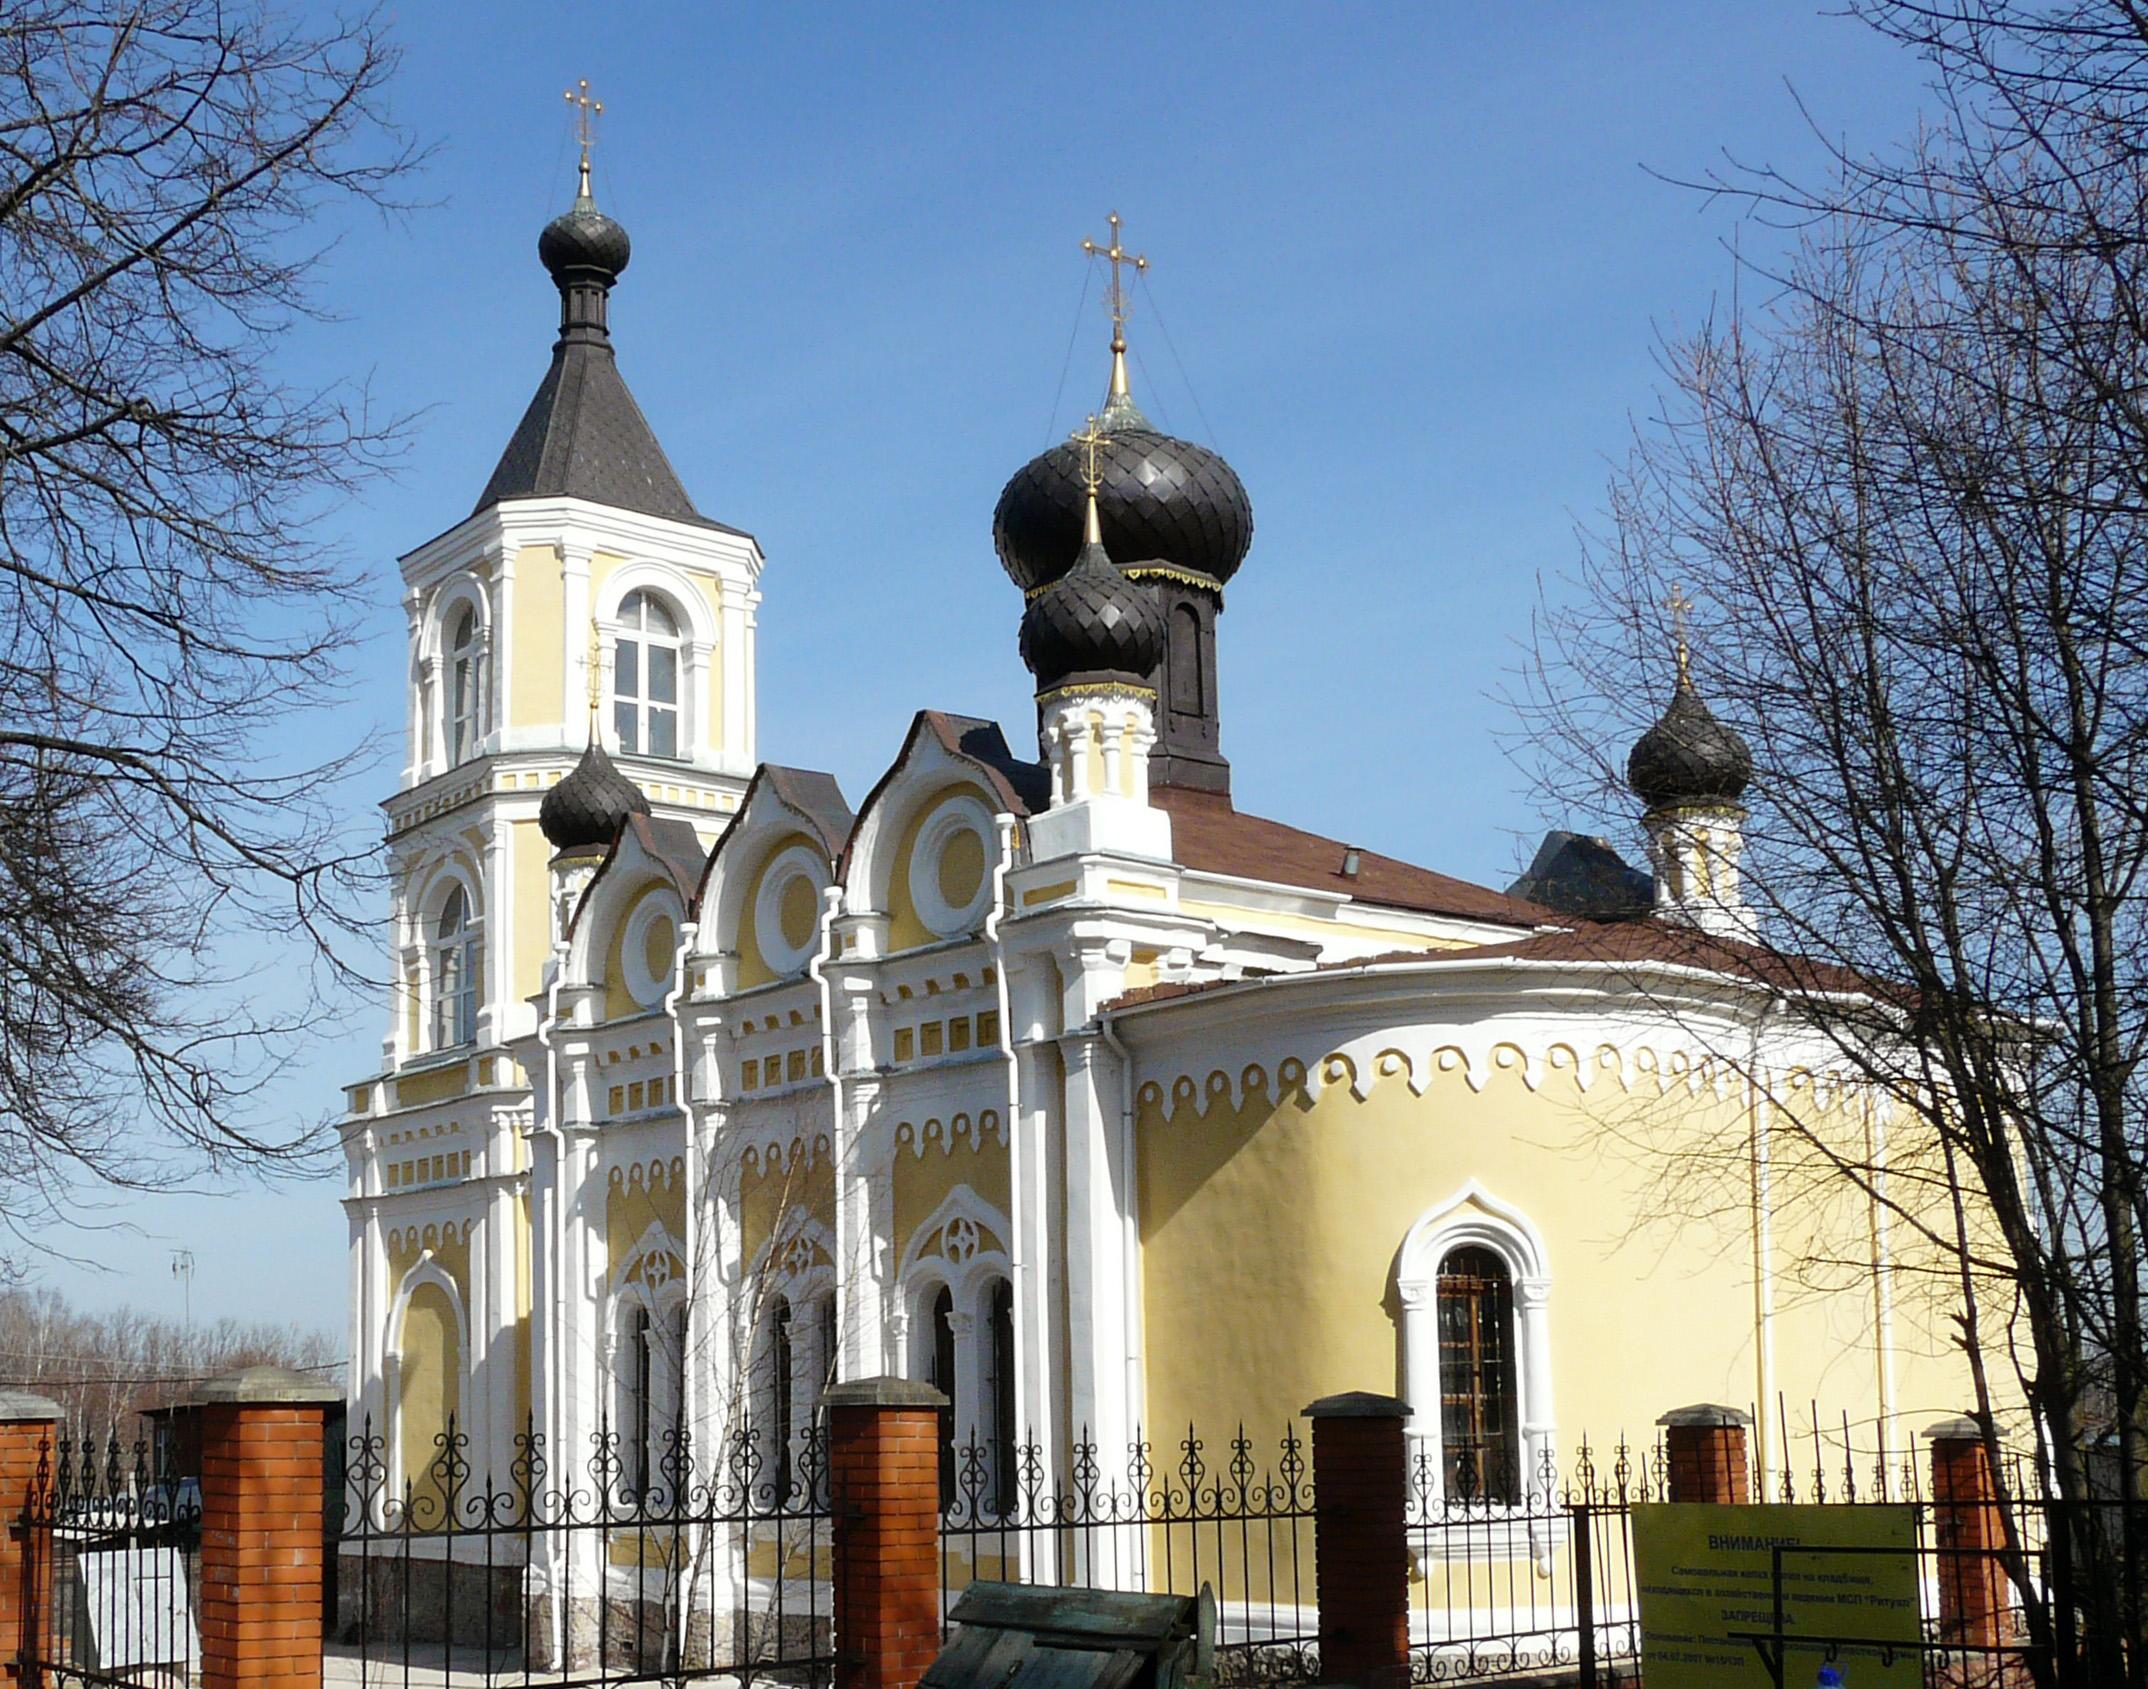 Храм Успения Пресвятой Богородицы в Трахонеево в настоящее время. Фото Д.Ю. Кувыркова